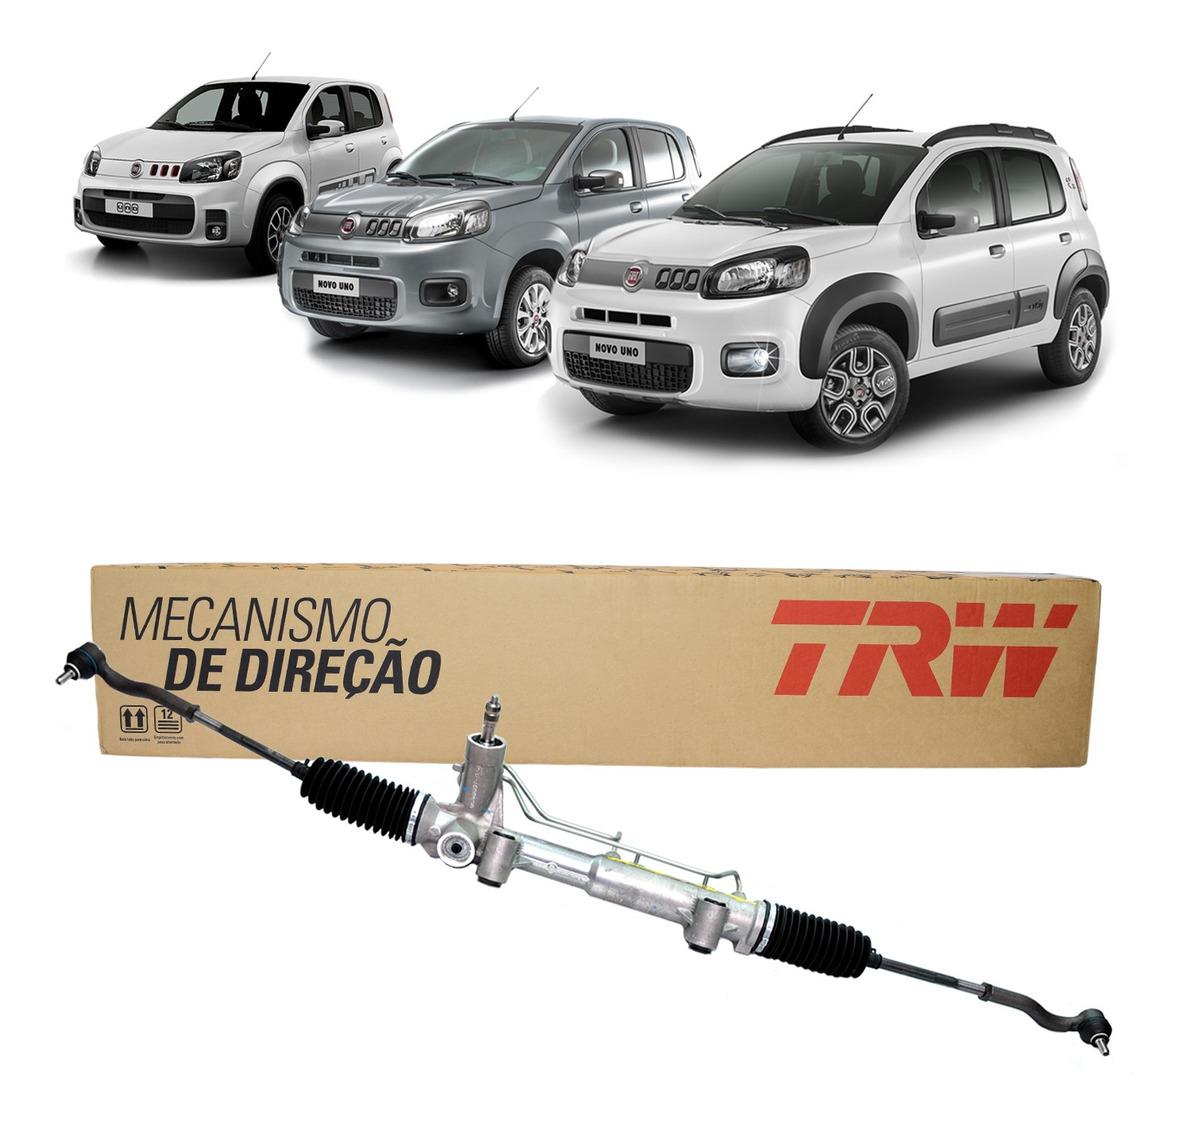 Direcao Hidraulica Orig Trw Fiat Uno Sporting 2019 R 1 298 00 Em Mercado Livre